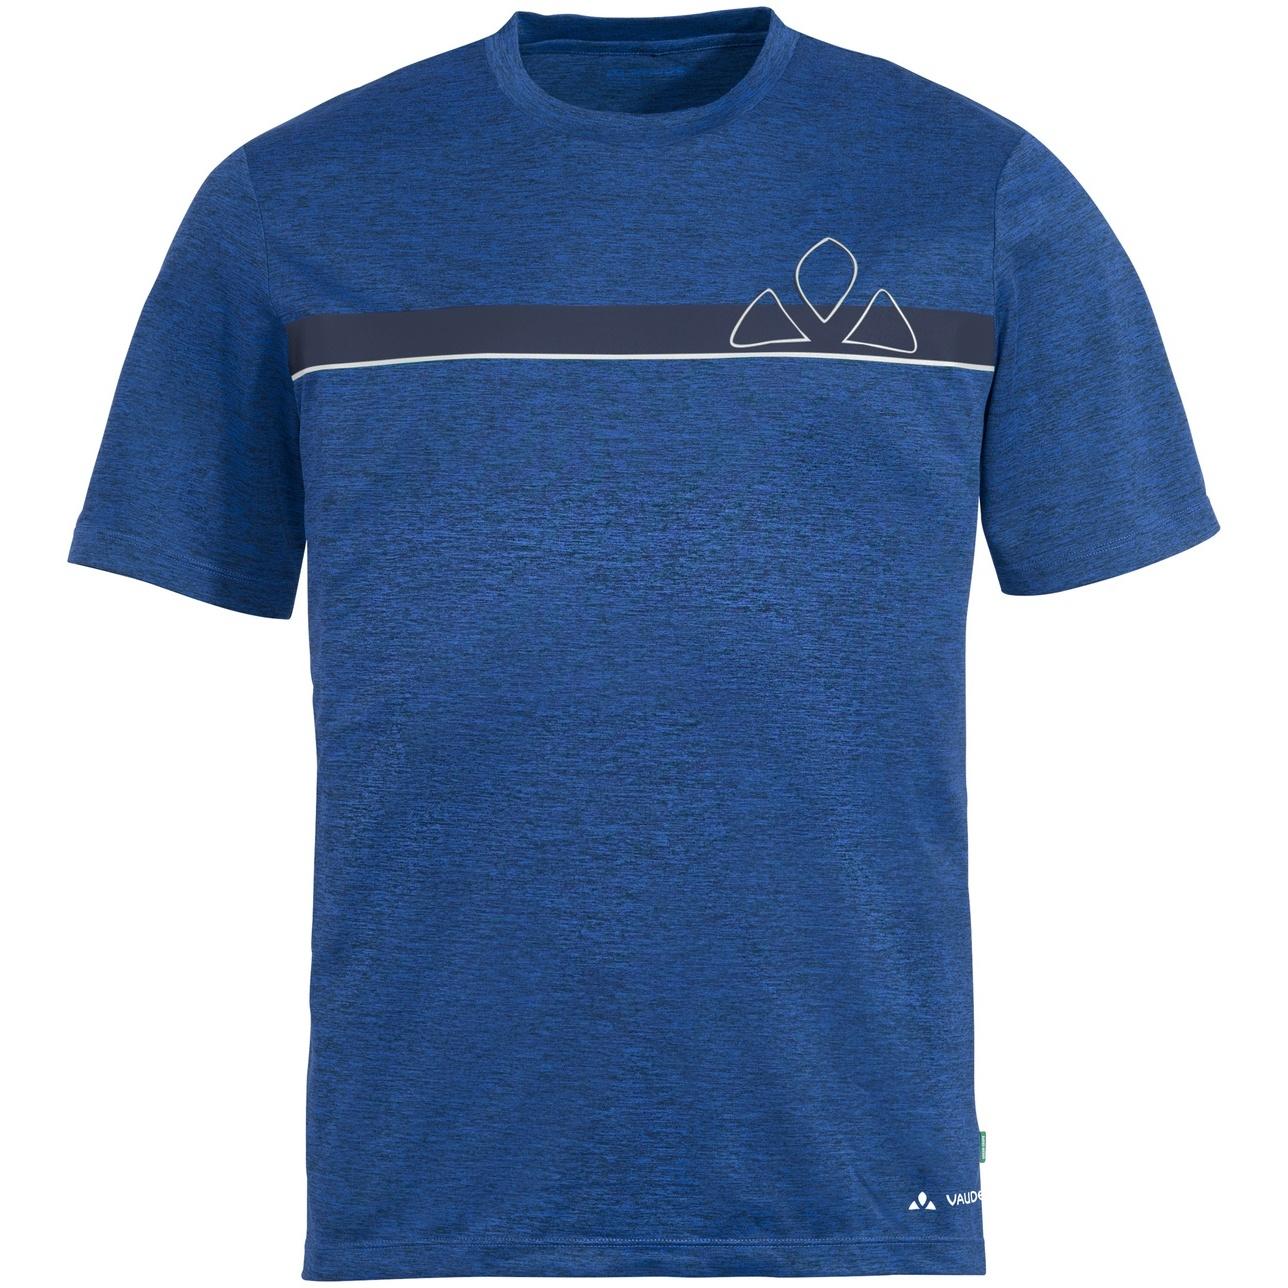 Vaude Bracket T-Shirt - signal blue